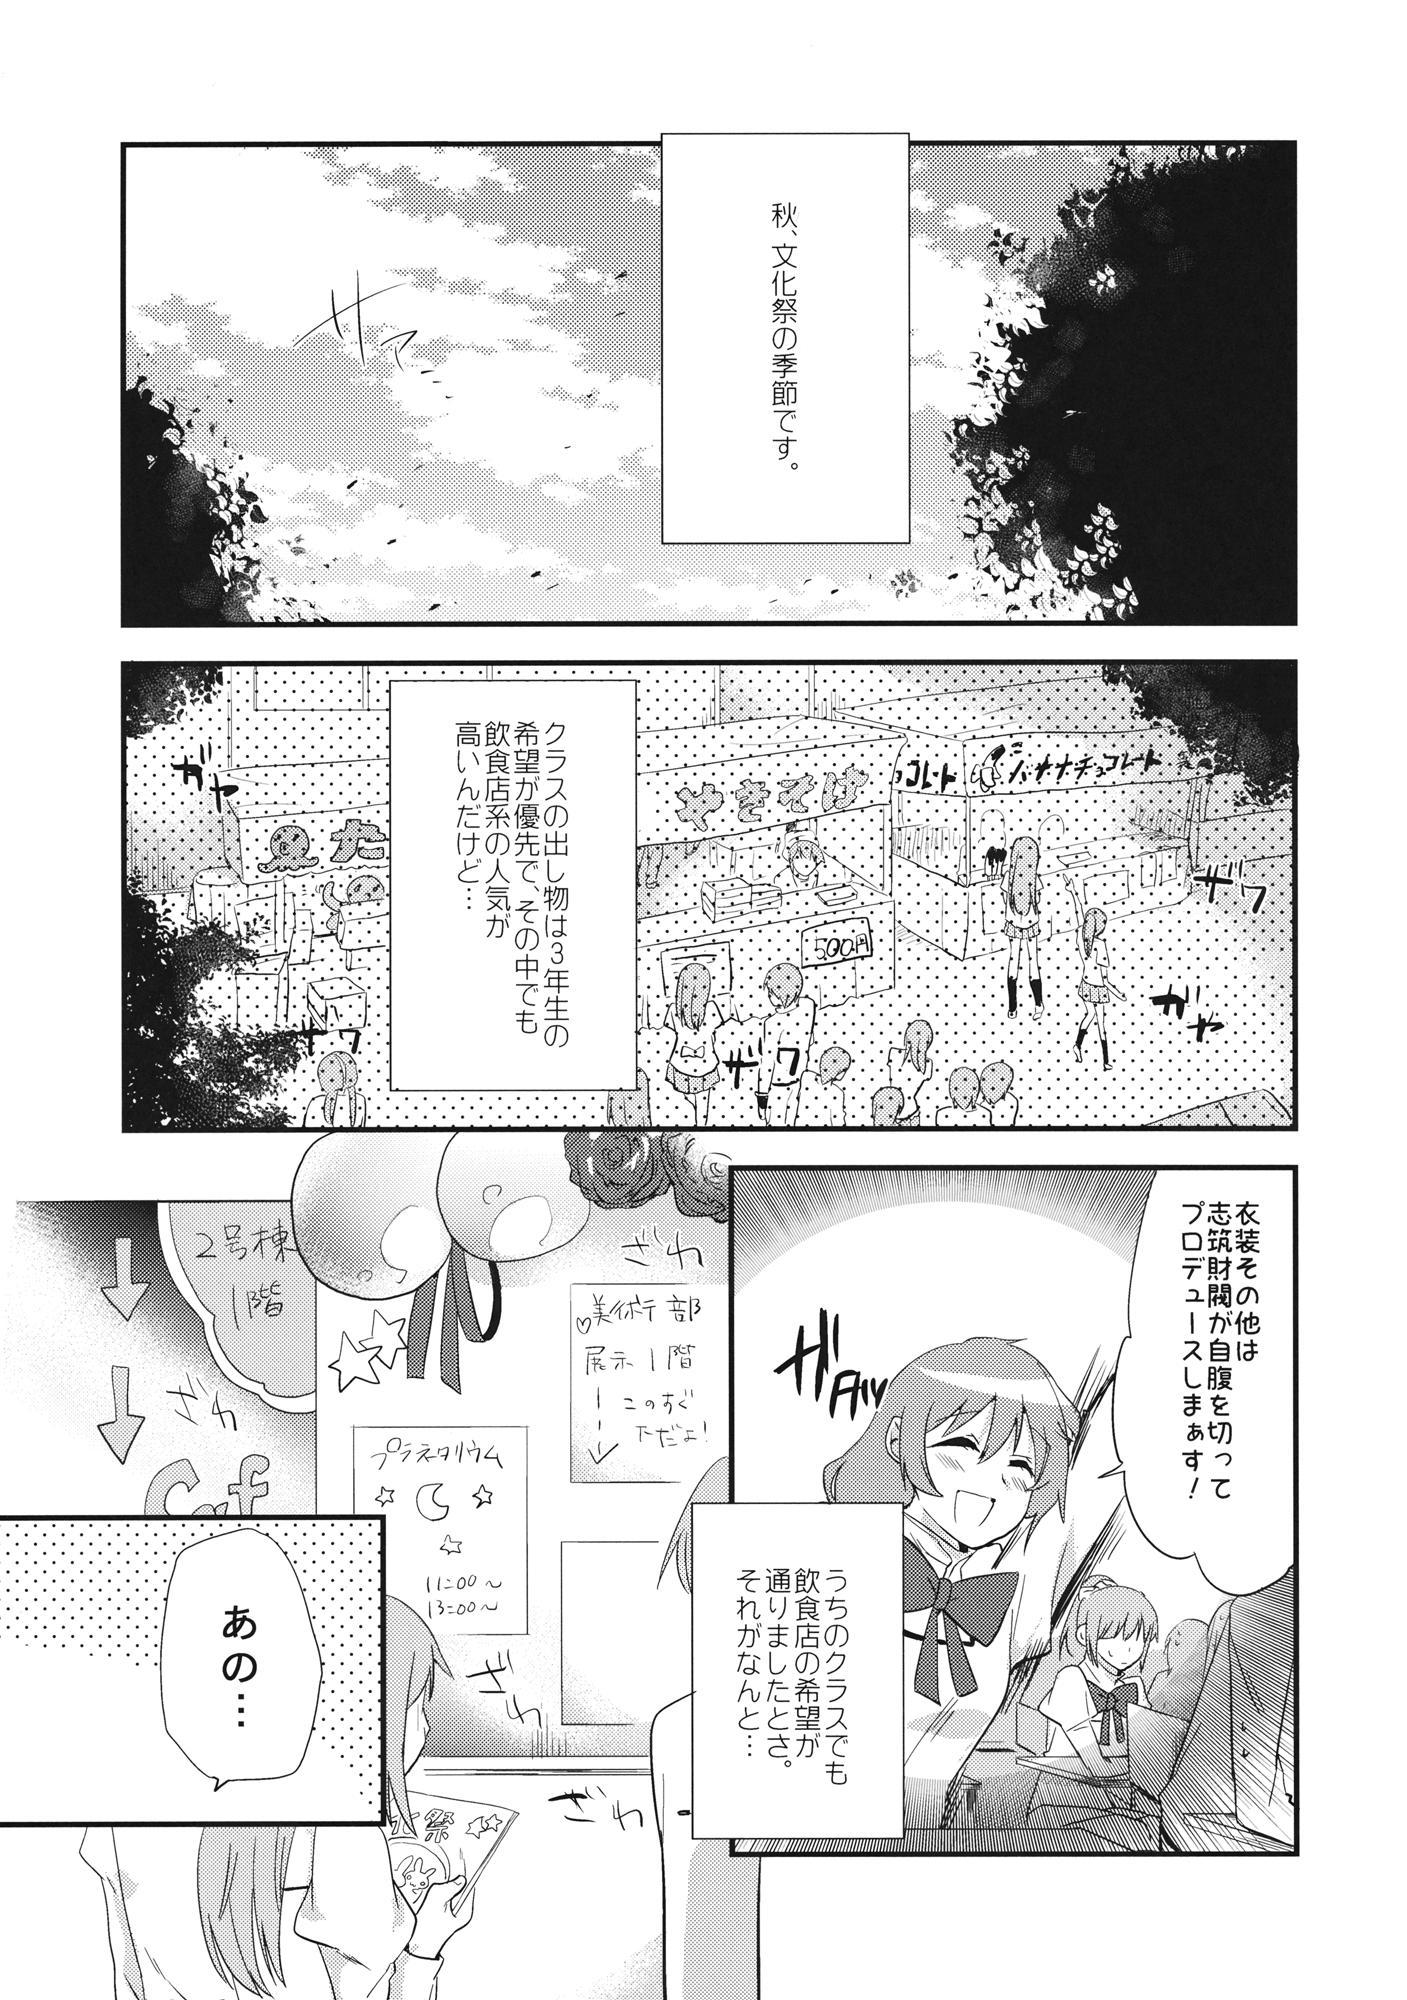 Maid Sayaka ga Gohoushi Shichau Hon 3